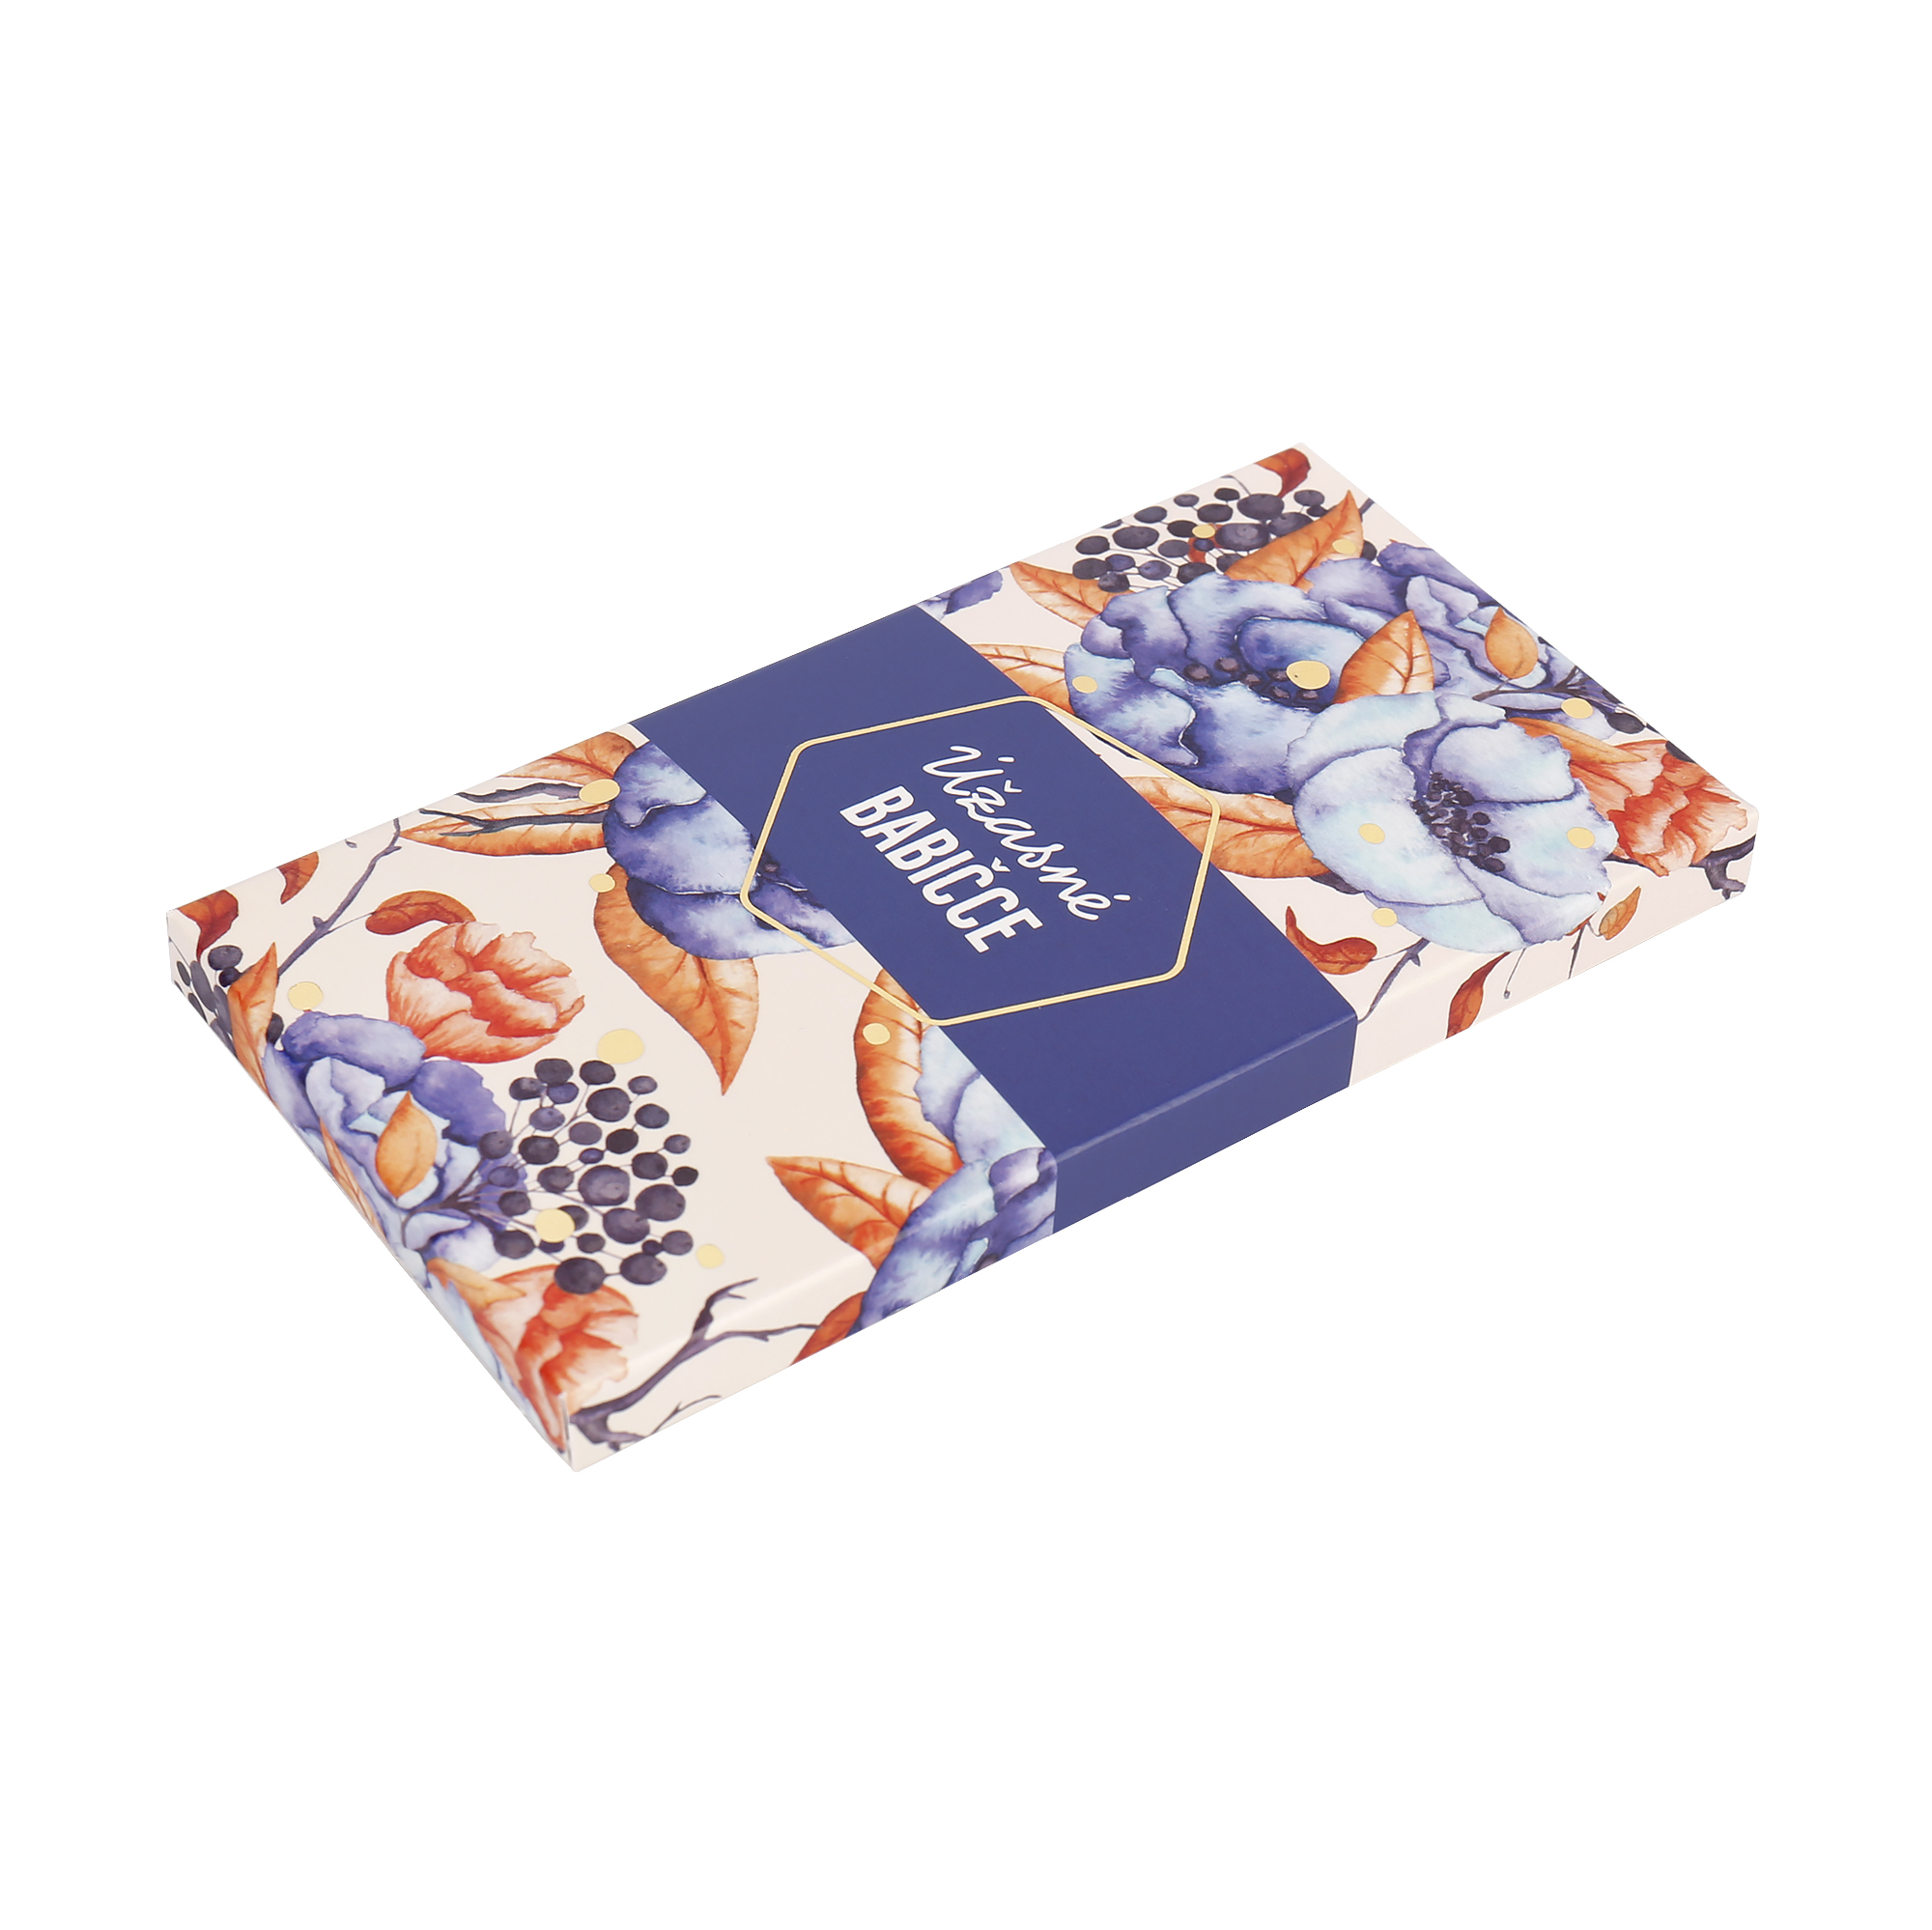 Čokoláda - Úžasné babičce